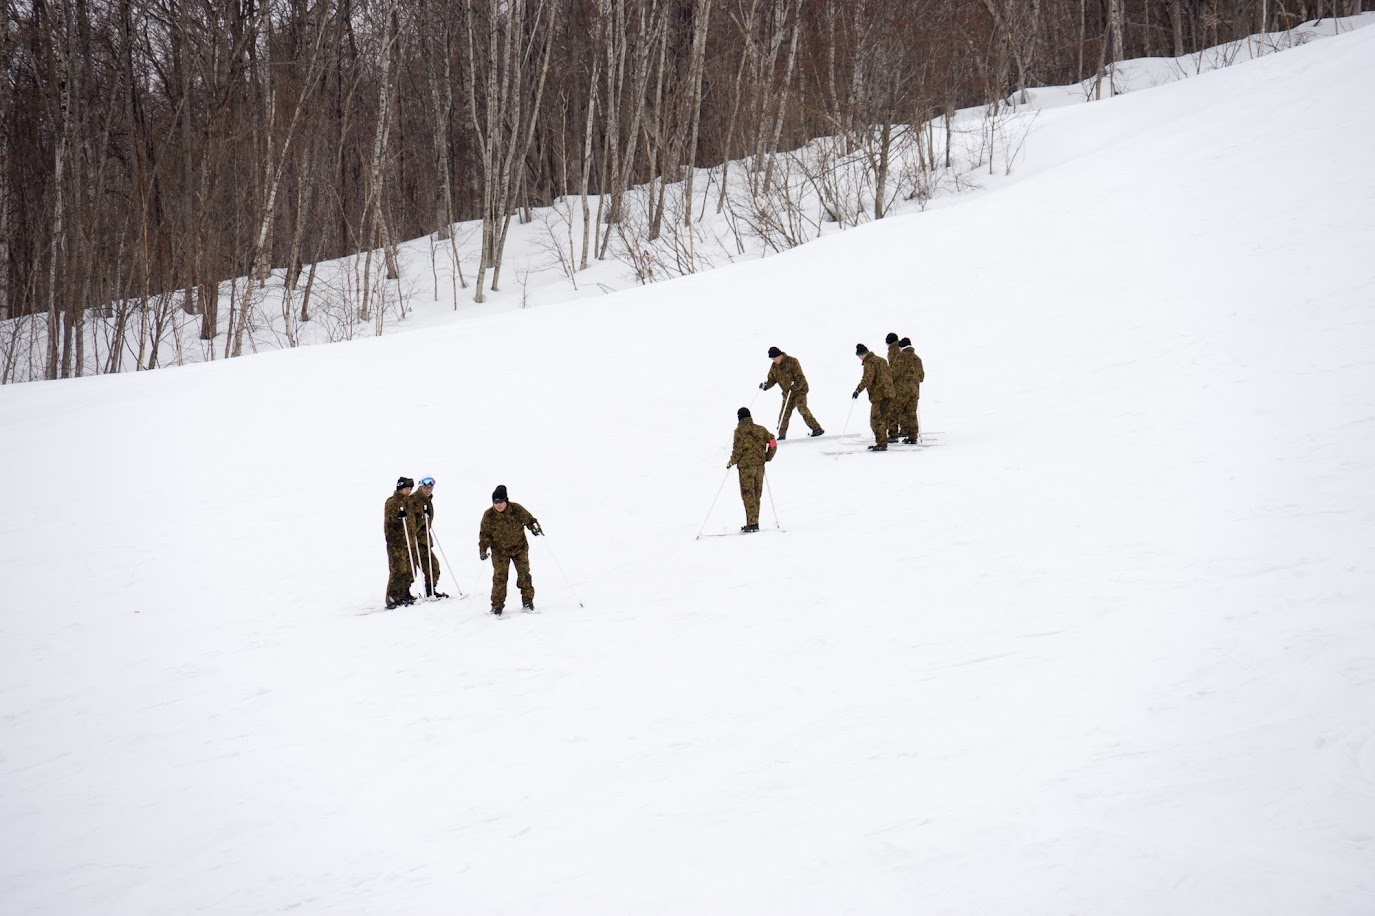 積雪寒冷地におけるスキー訓練